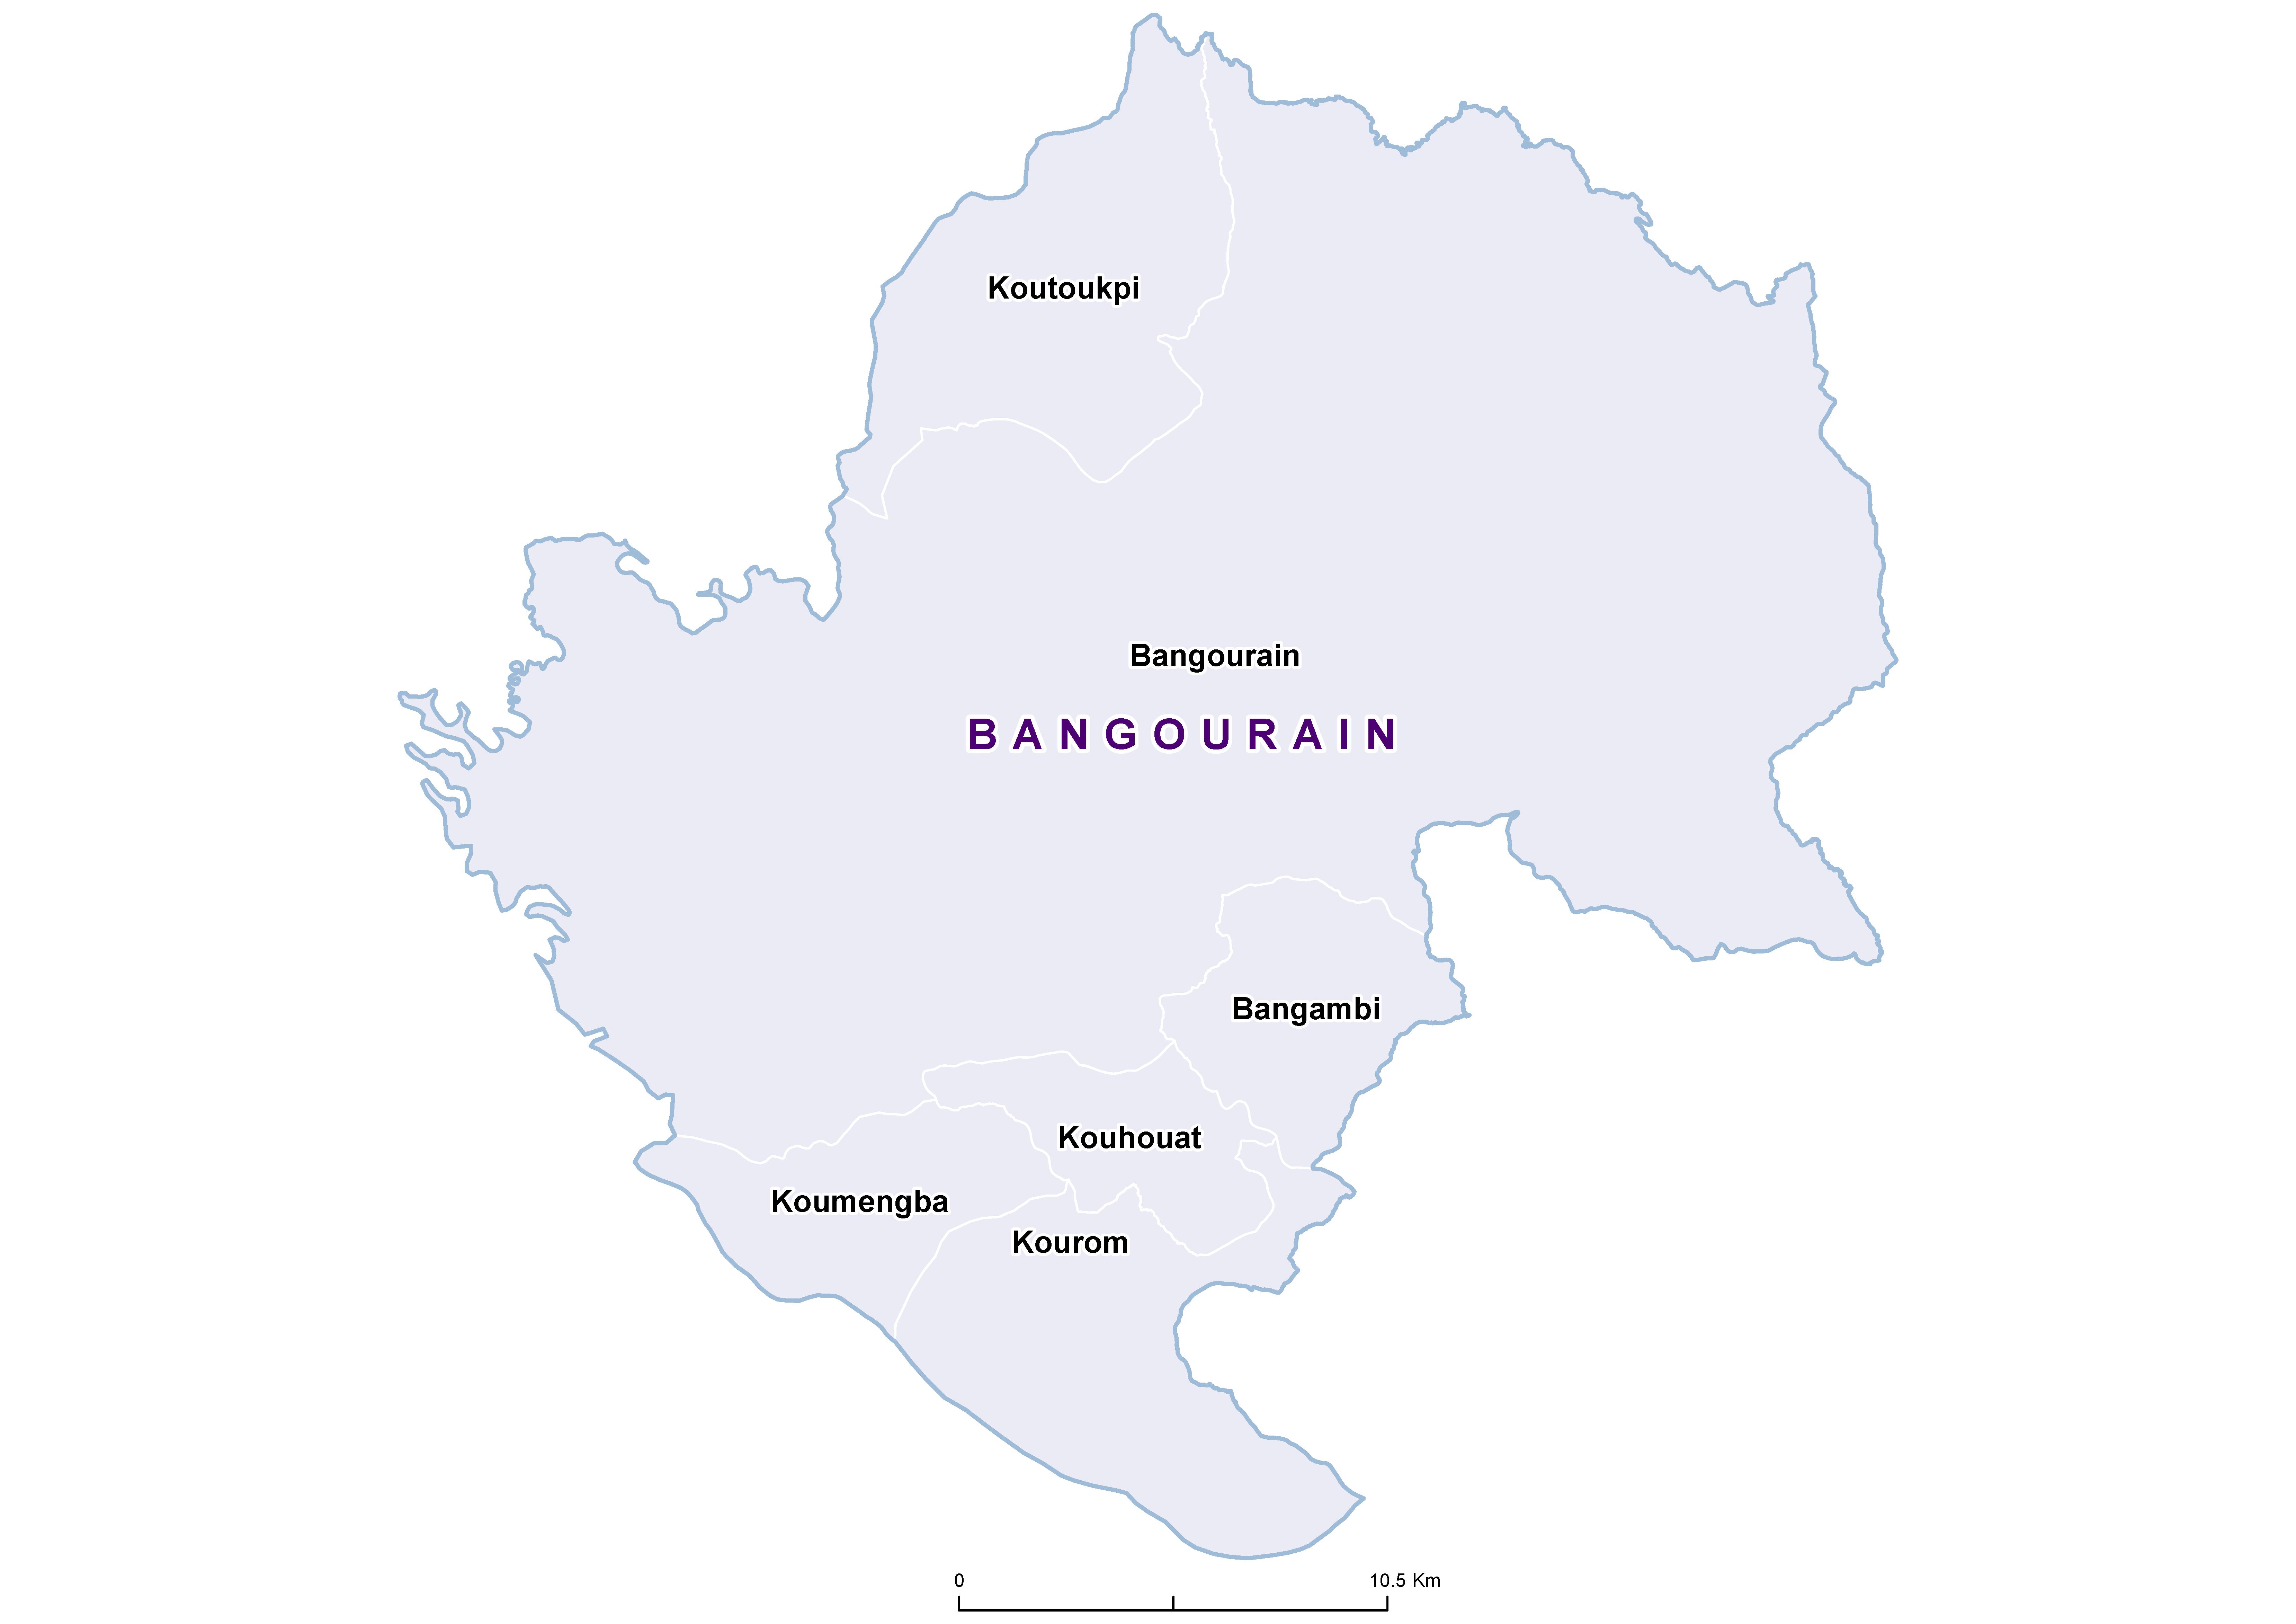 Bangourain STH 20180001